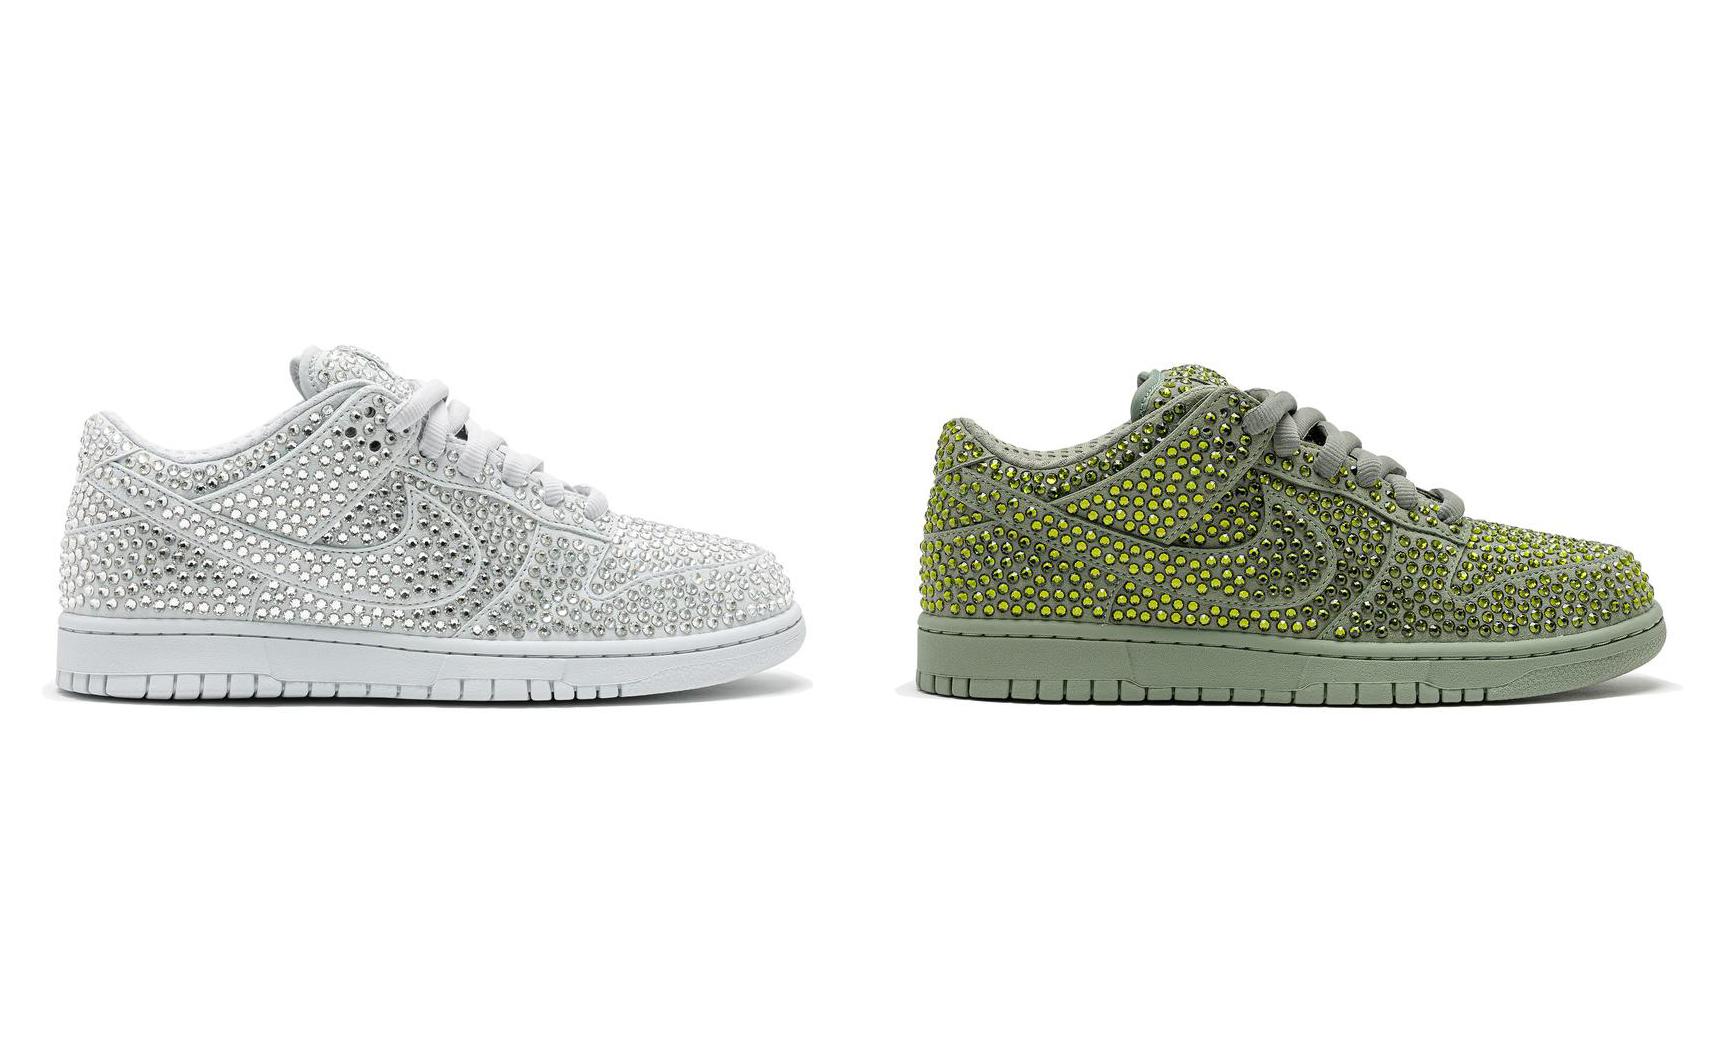 发售价 550 美元,CPFM x Nike Dunk Low 突击官网发售